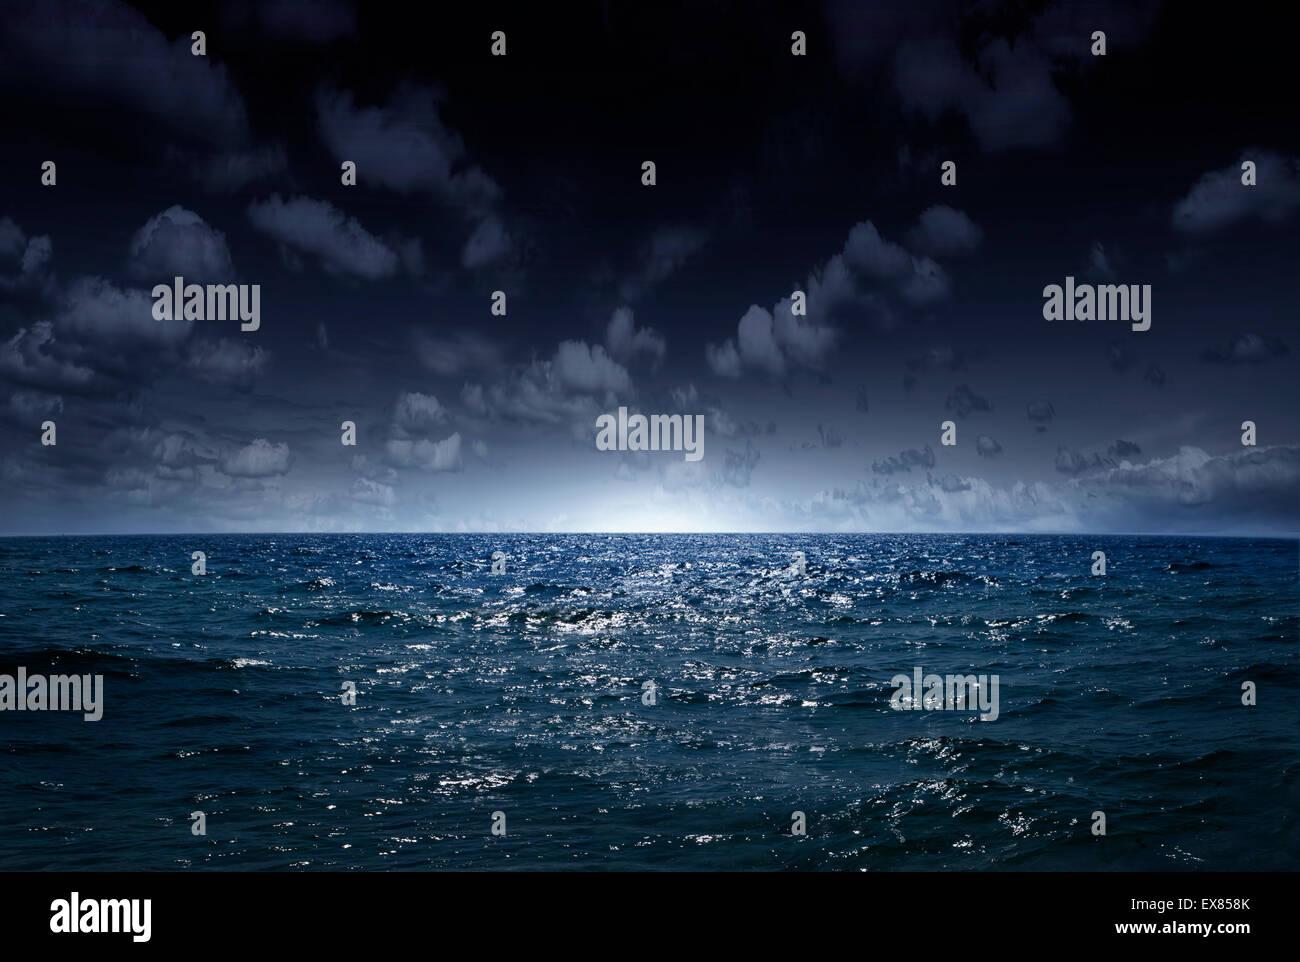 Notte Mare Loceano Come Uno Sfondo Naturale Foto Immagine Stock